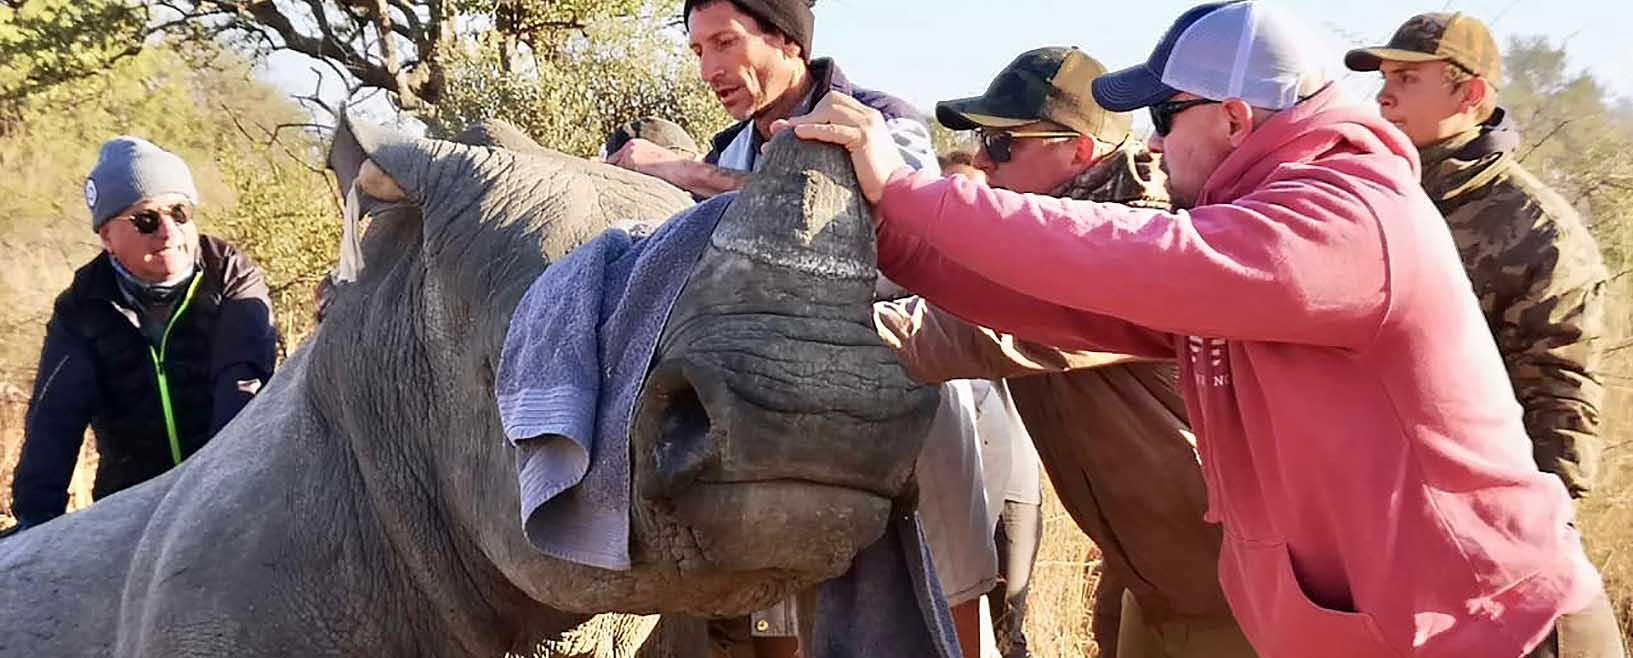 Endangered Rhino Conservation ERC Saving Rhinos Slider Image 3